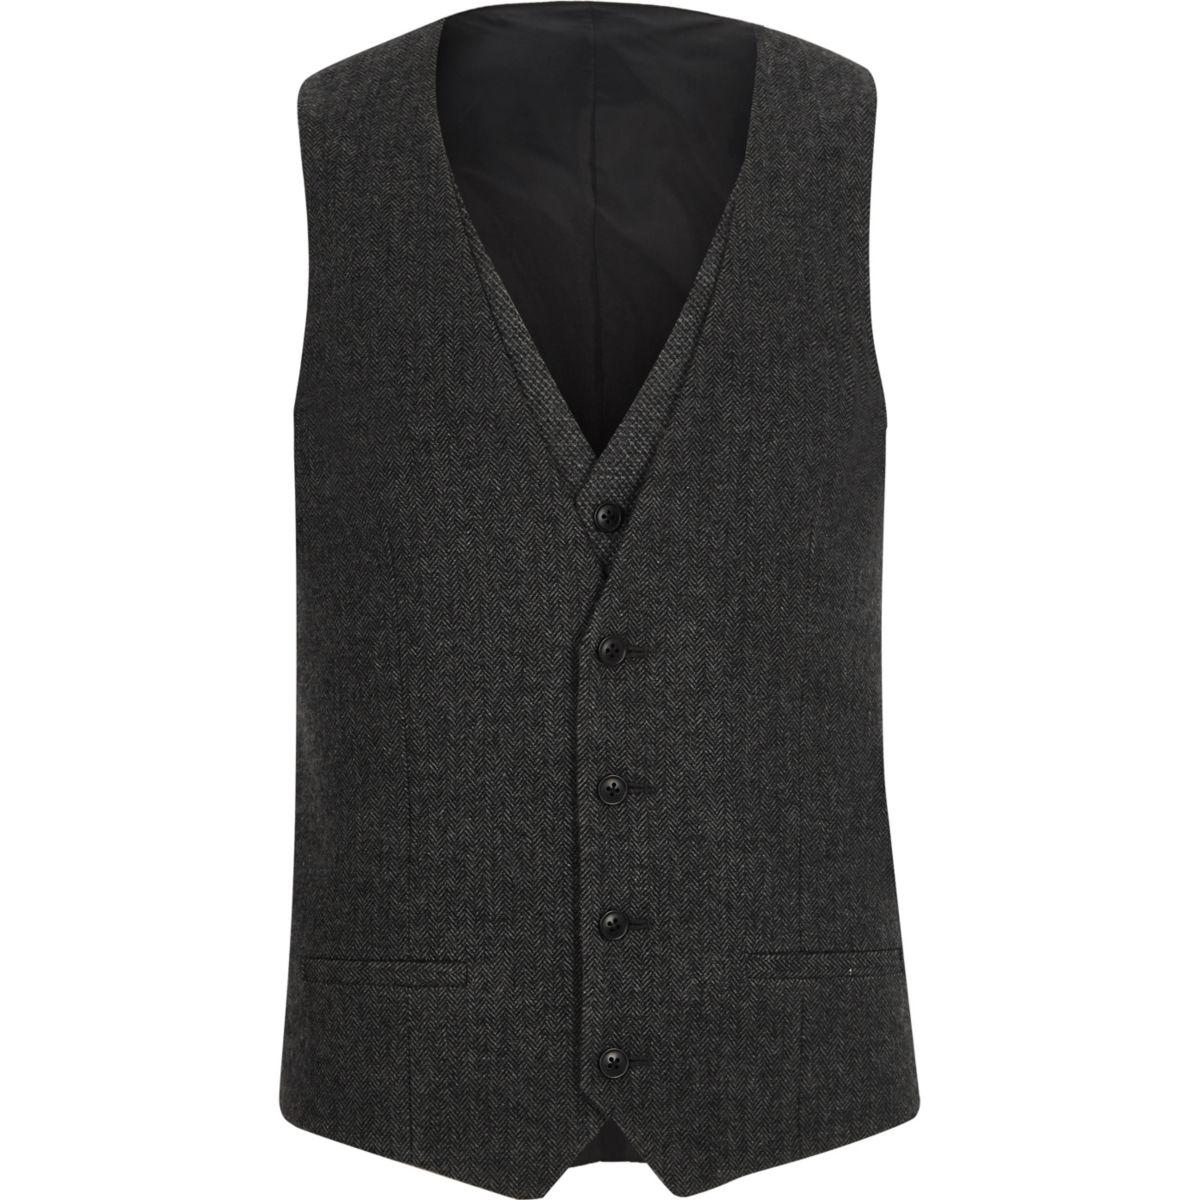 Charcoal grey herringbone waistcoat